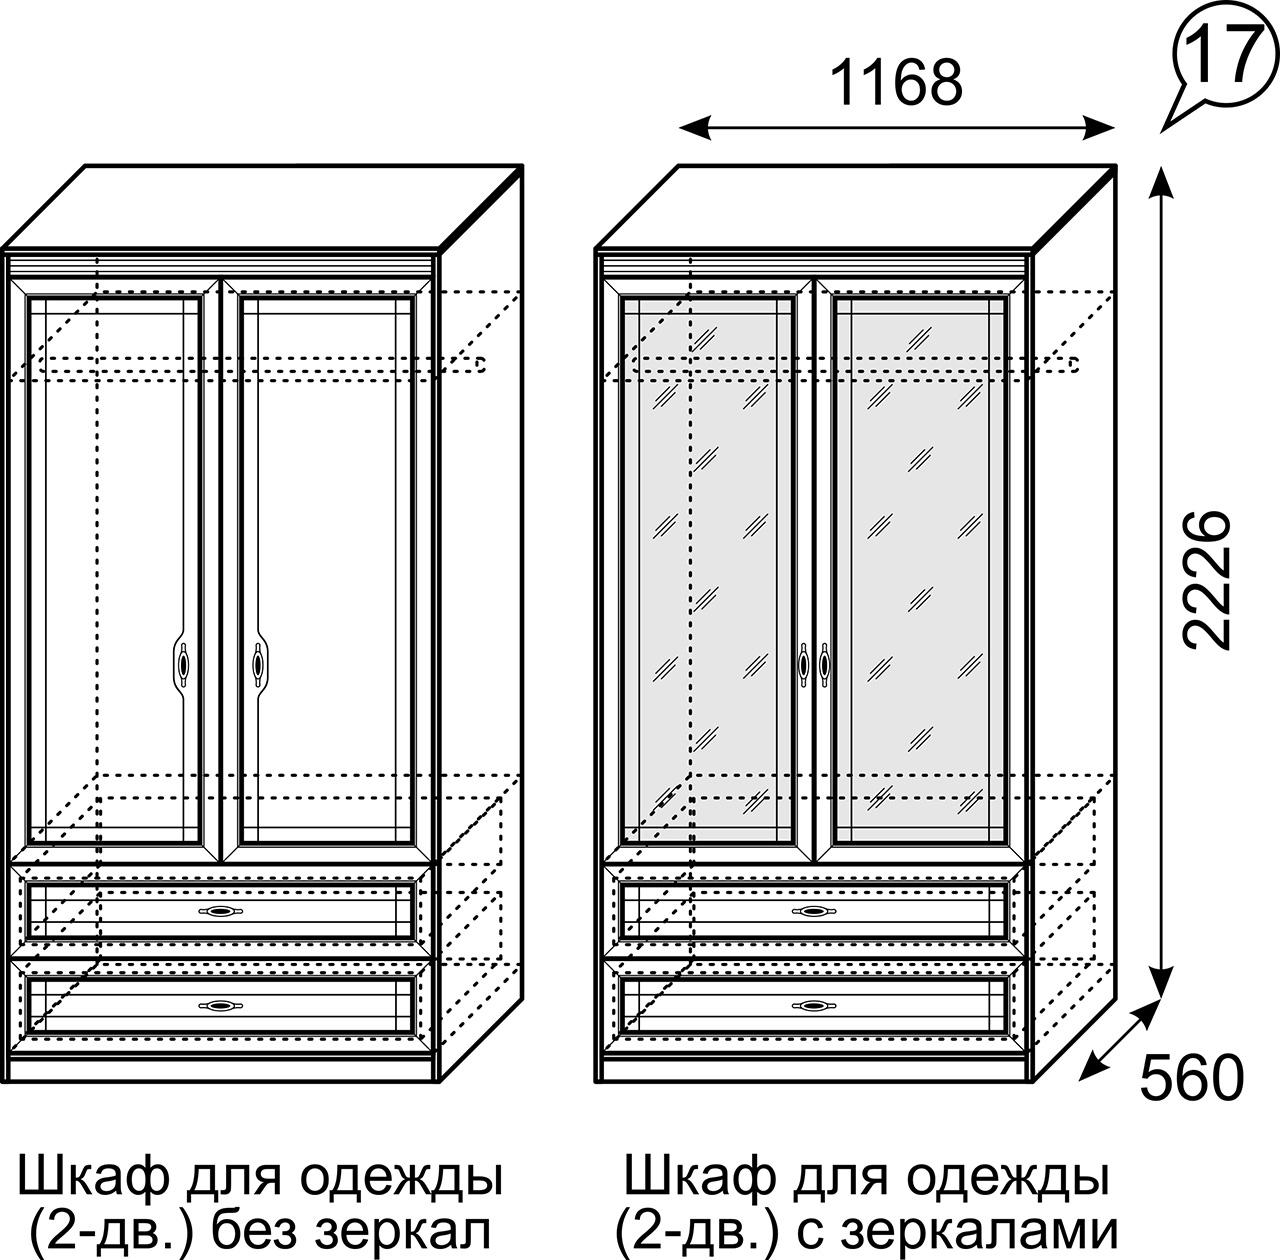 3-london-shkaf-173. Описание. Модульная Спальня Лондон Шкаф для одежды 2х  дверный ... a255e161518